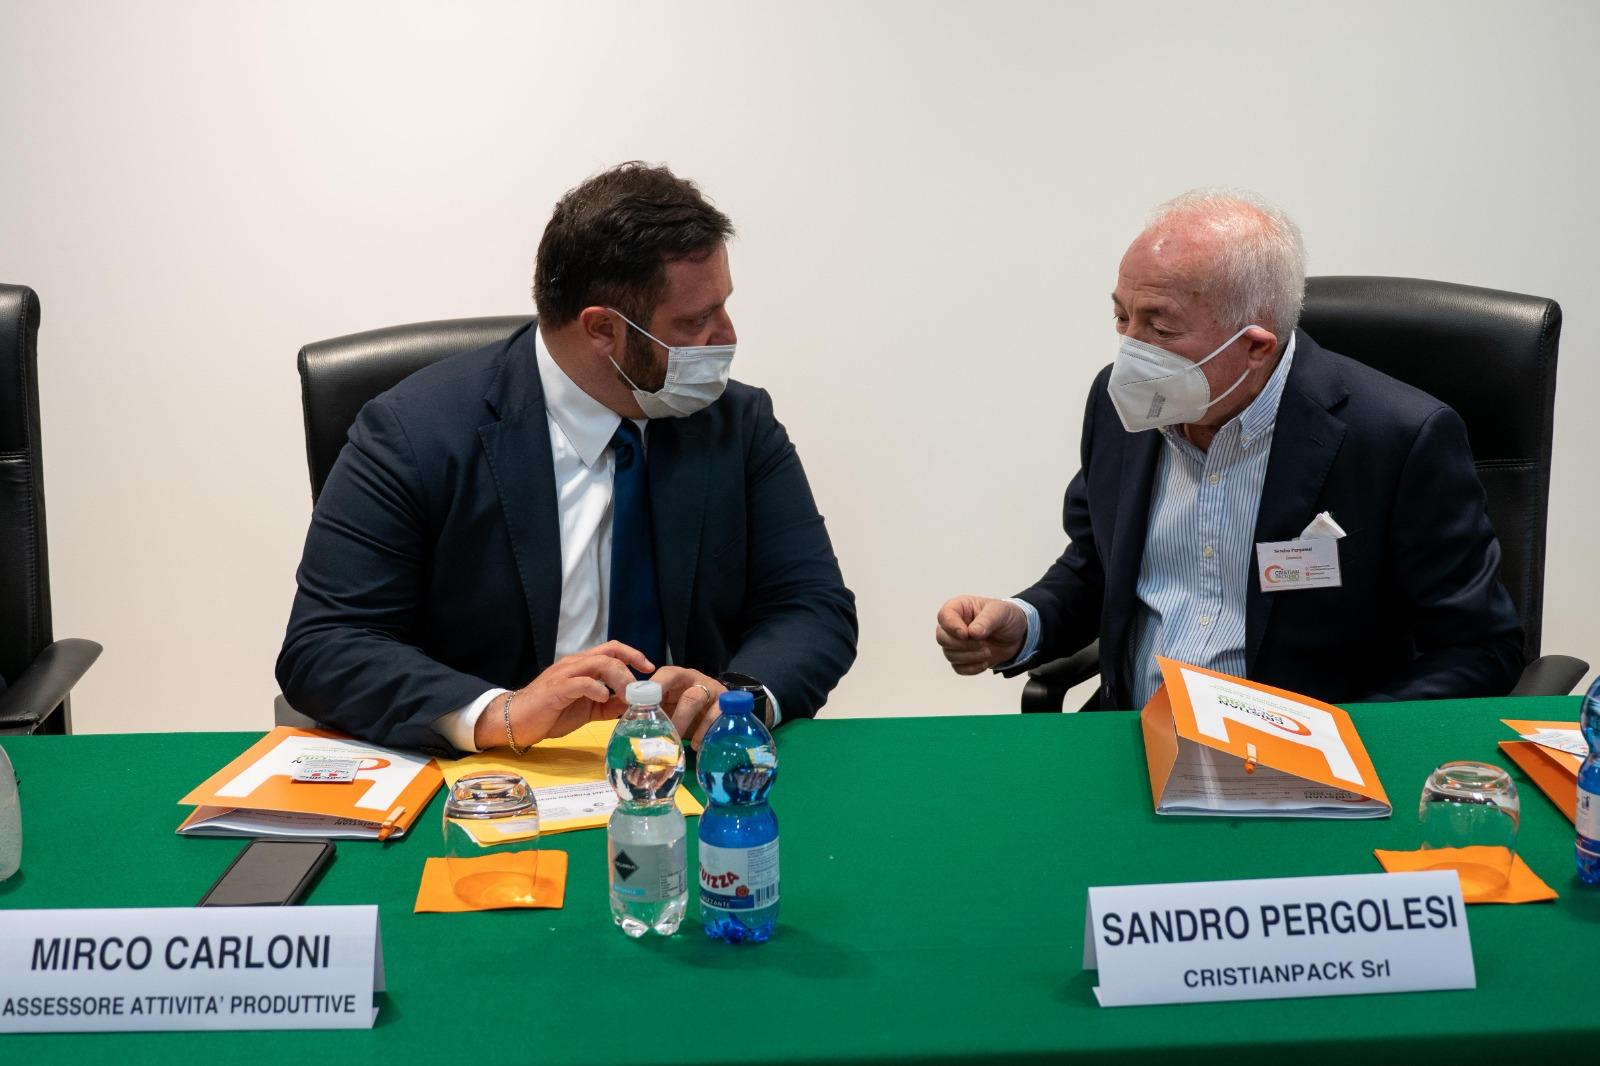 Mirco Carloni Sandro Pergolesi Marche